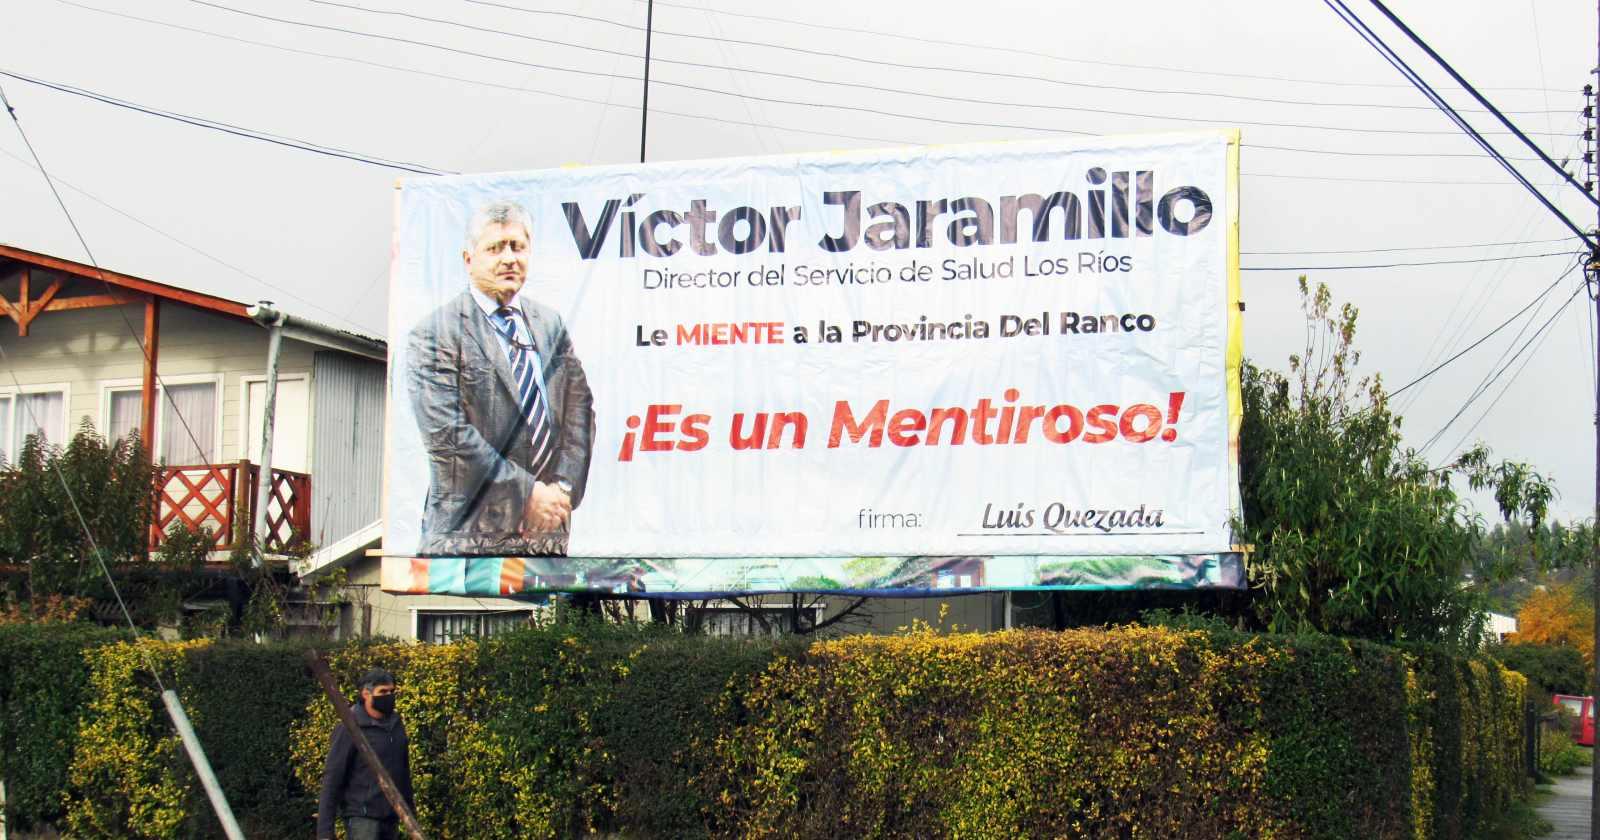 """""""Instalan gigantografía acusando de """"mentiroso"""" al director del Servicio de Salud de Valdivia"""""""